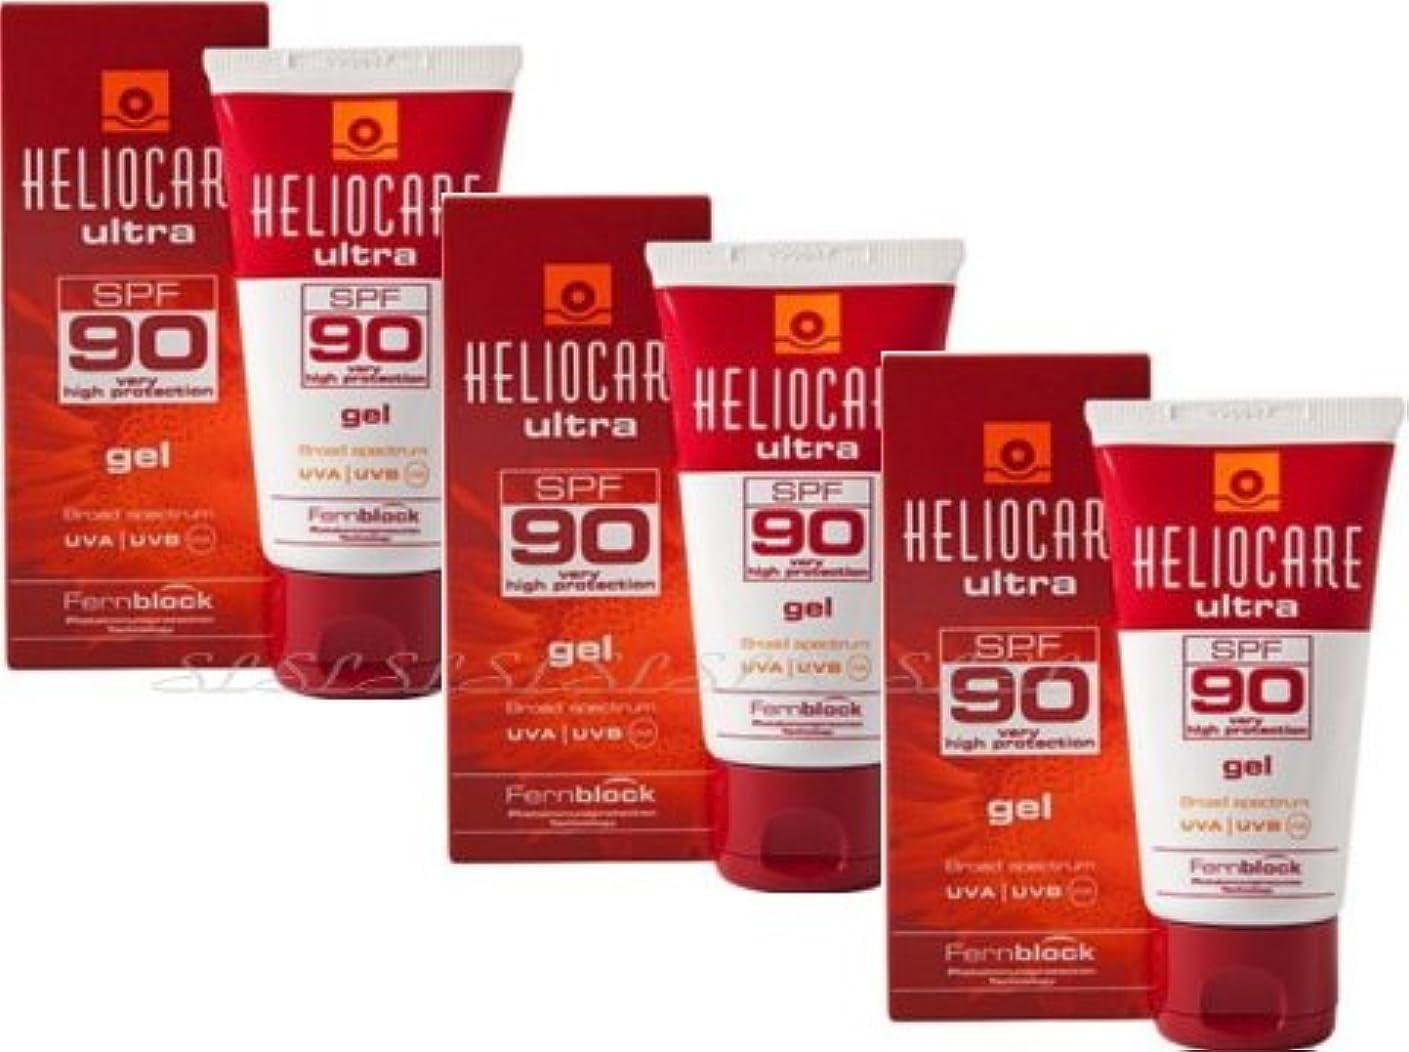 割る風景海藻【3個セット】ヘリオケア サンスクリーン SPF50+ (SPF90相当) ジェルタイプ Heliocare [並行輸入品][海外直送品]